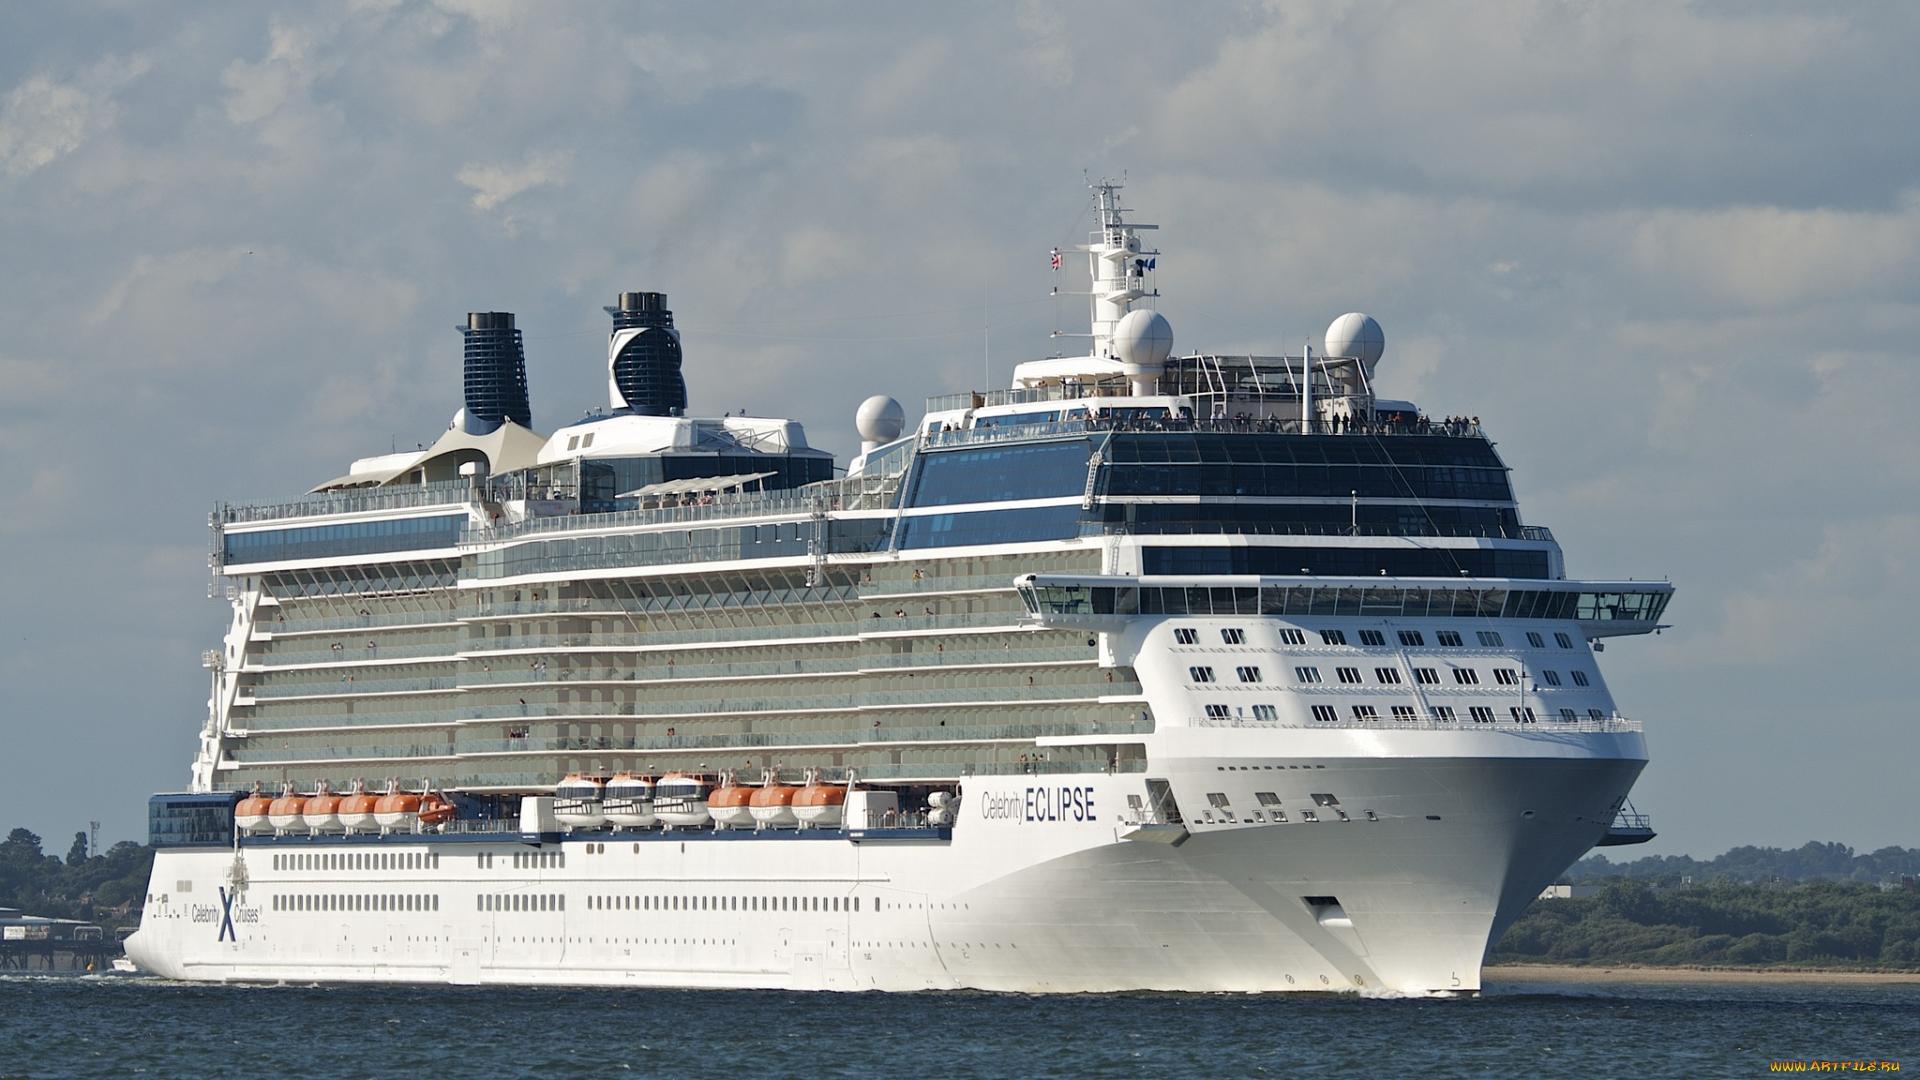 корабль, огромный, вода